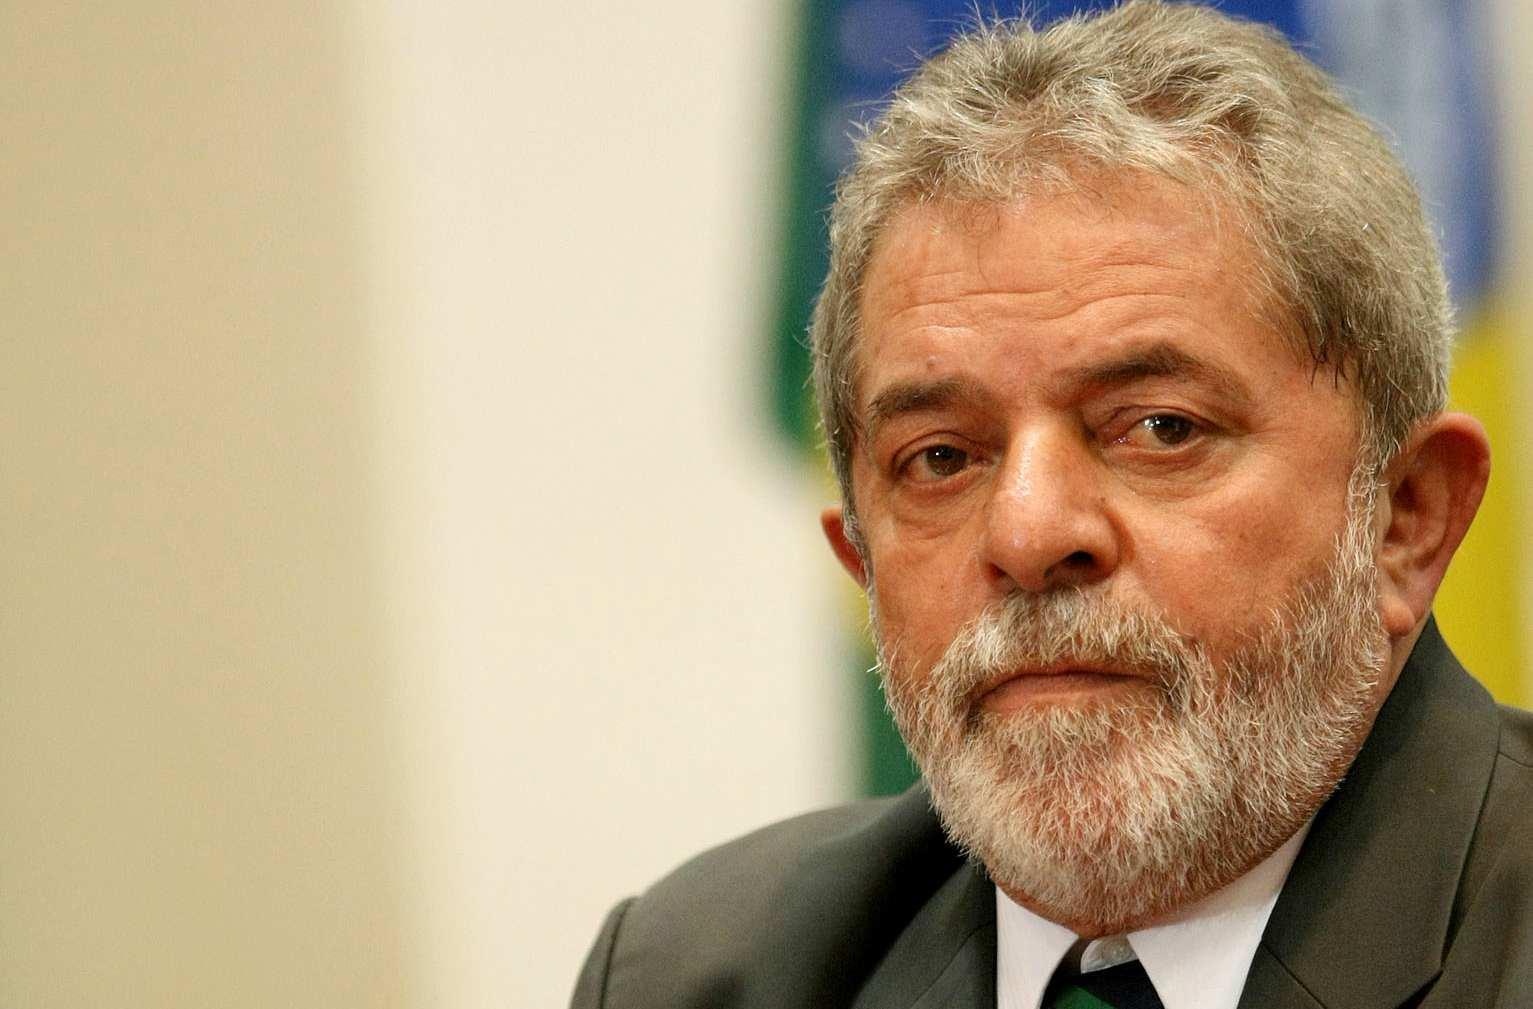 Un Tribunal de Porto Alegre ratificó la condena y aumentó la pena de 9 a 12 años por lo que el ex mandatario ve difícil su participación en los comicios de octubre para los que era favorito